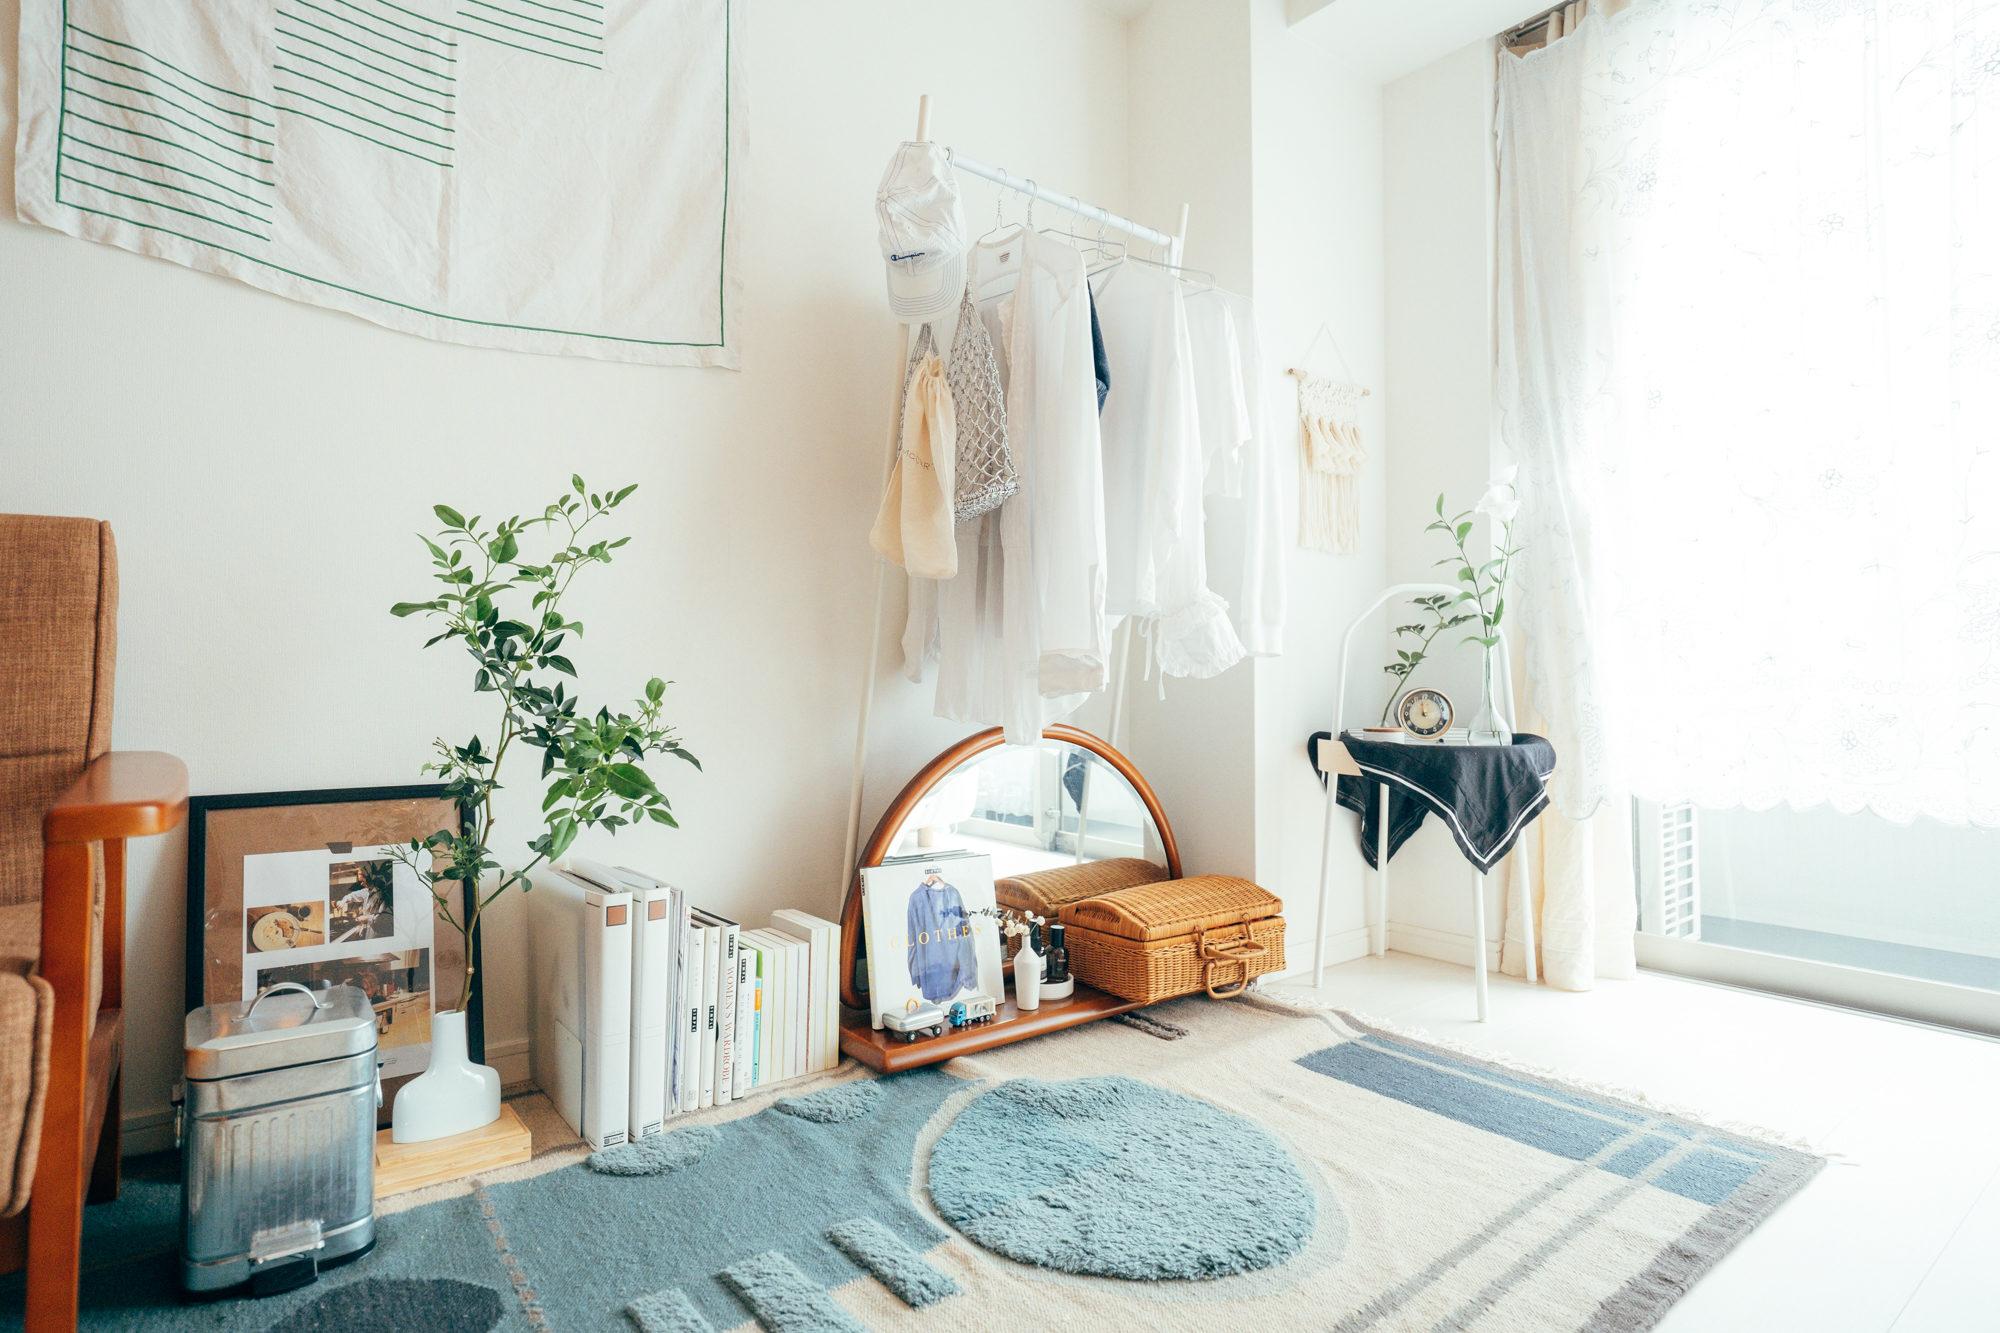 床や壁が白い場合などには、あえて白のハンガーラックで統一してもよいですね。ラック自体が目立たなくなり、自然とお部屋になじむ効果があります。(このお部屋をもっと見る)